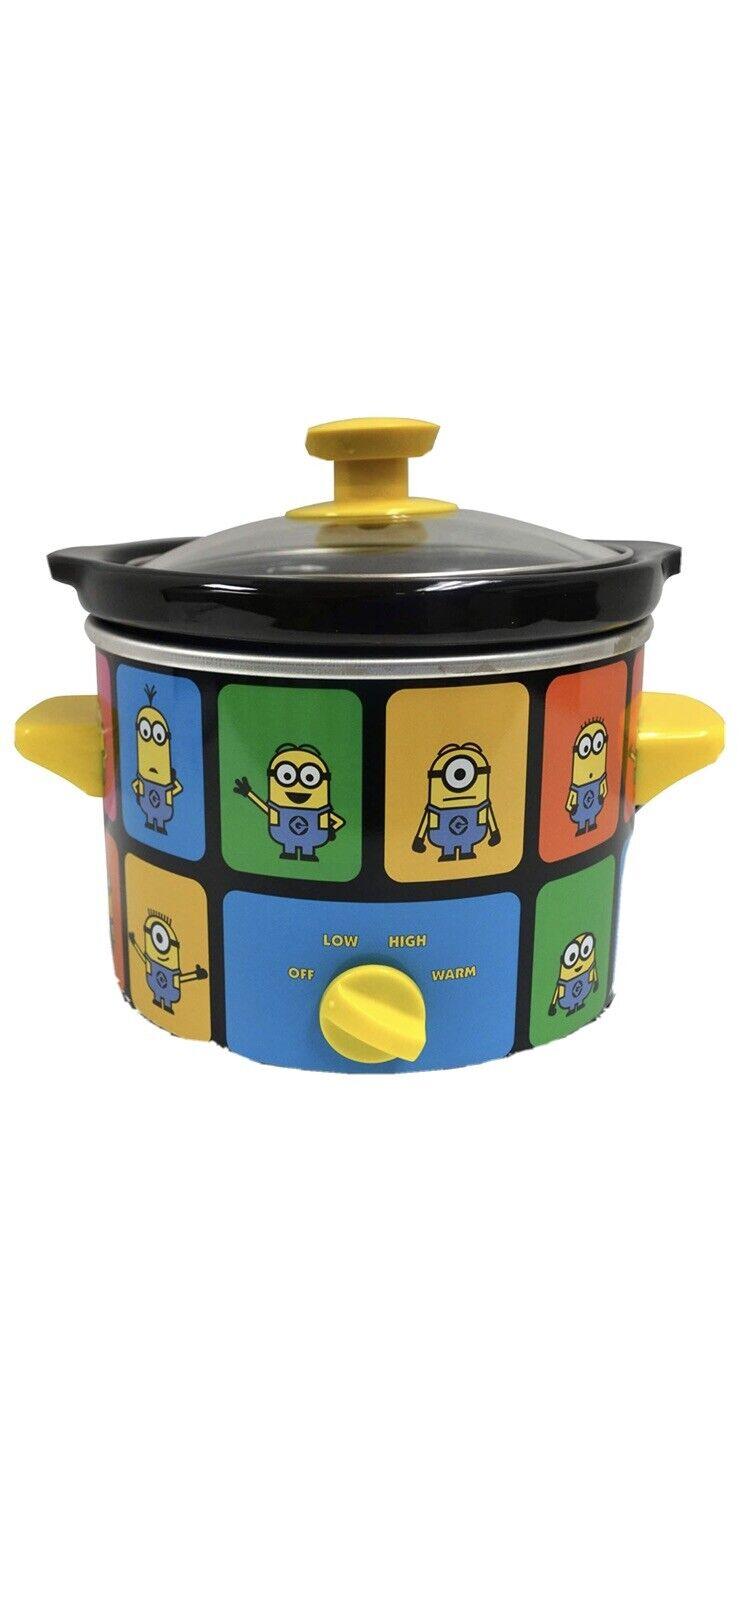 Uncanny Brands Minions 2 Quart Slow Cooker Kitchen Appliance For Sale Online Ebay